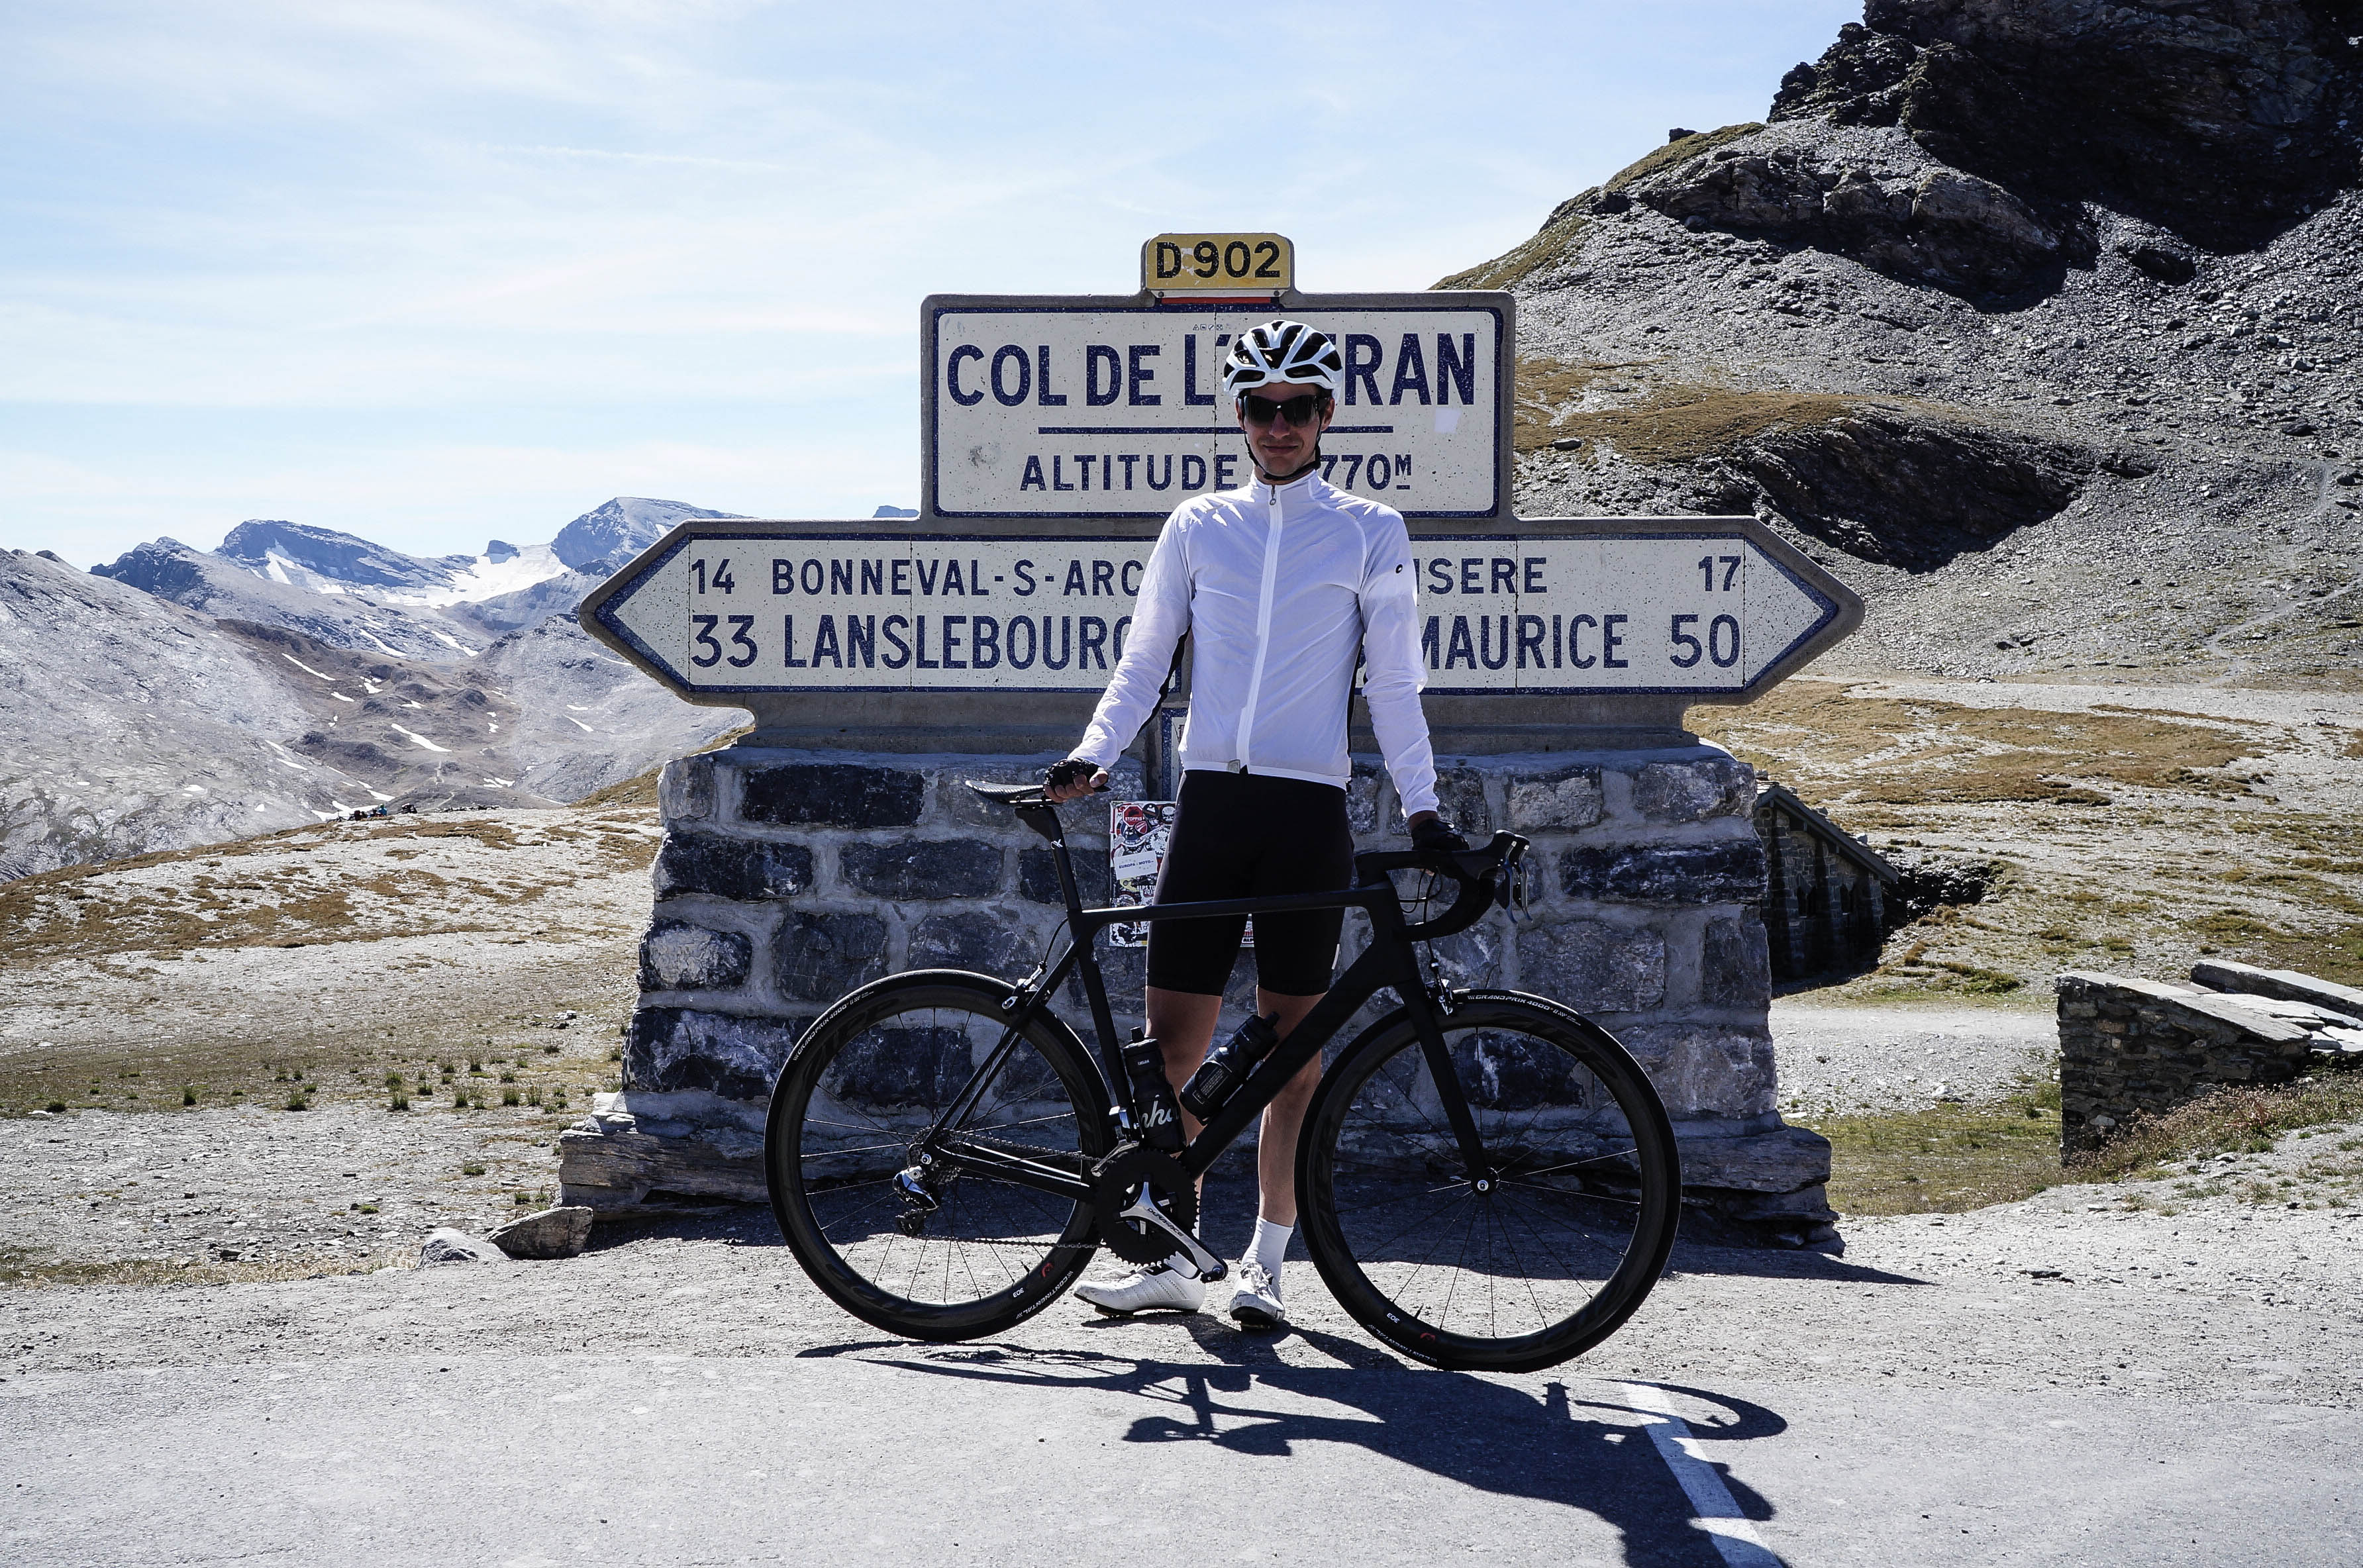 Route des Grandes Alpes Rennrad L'Izeran Canyon